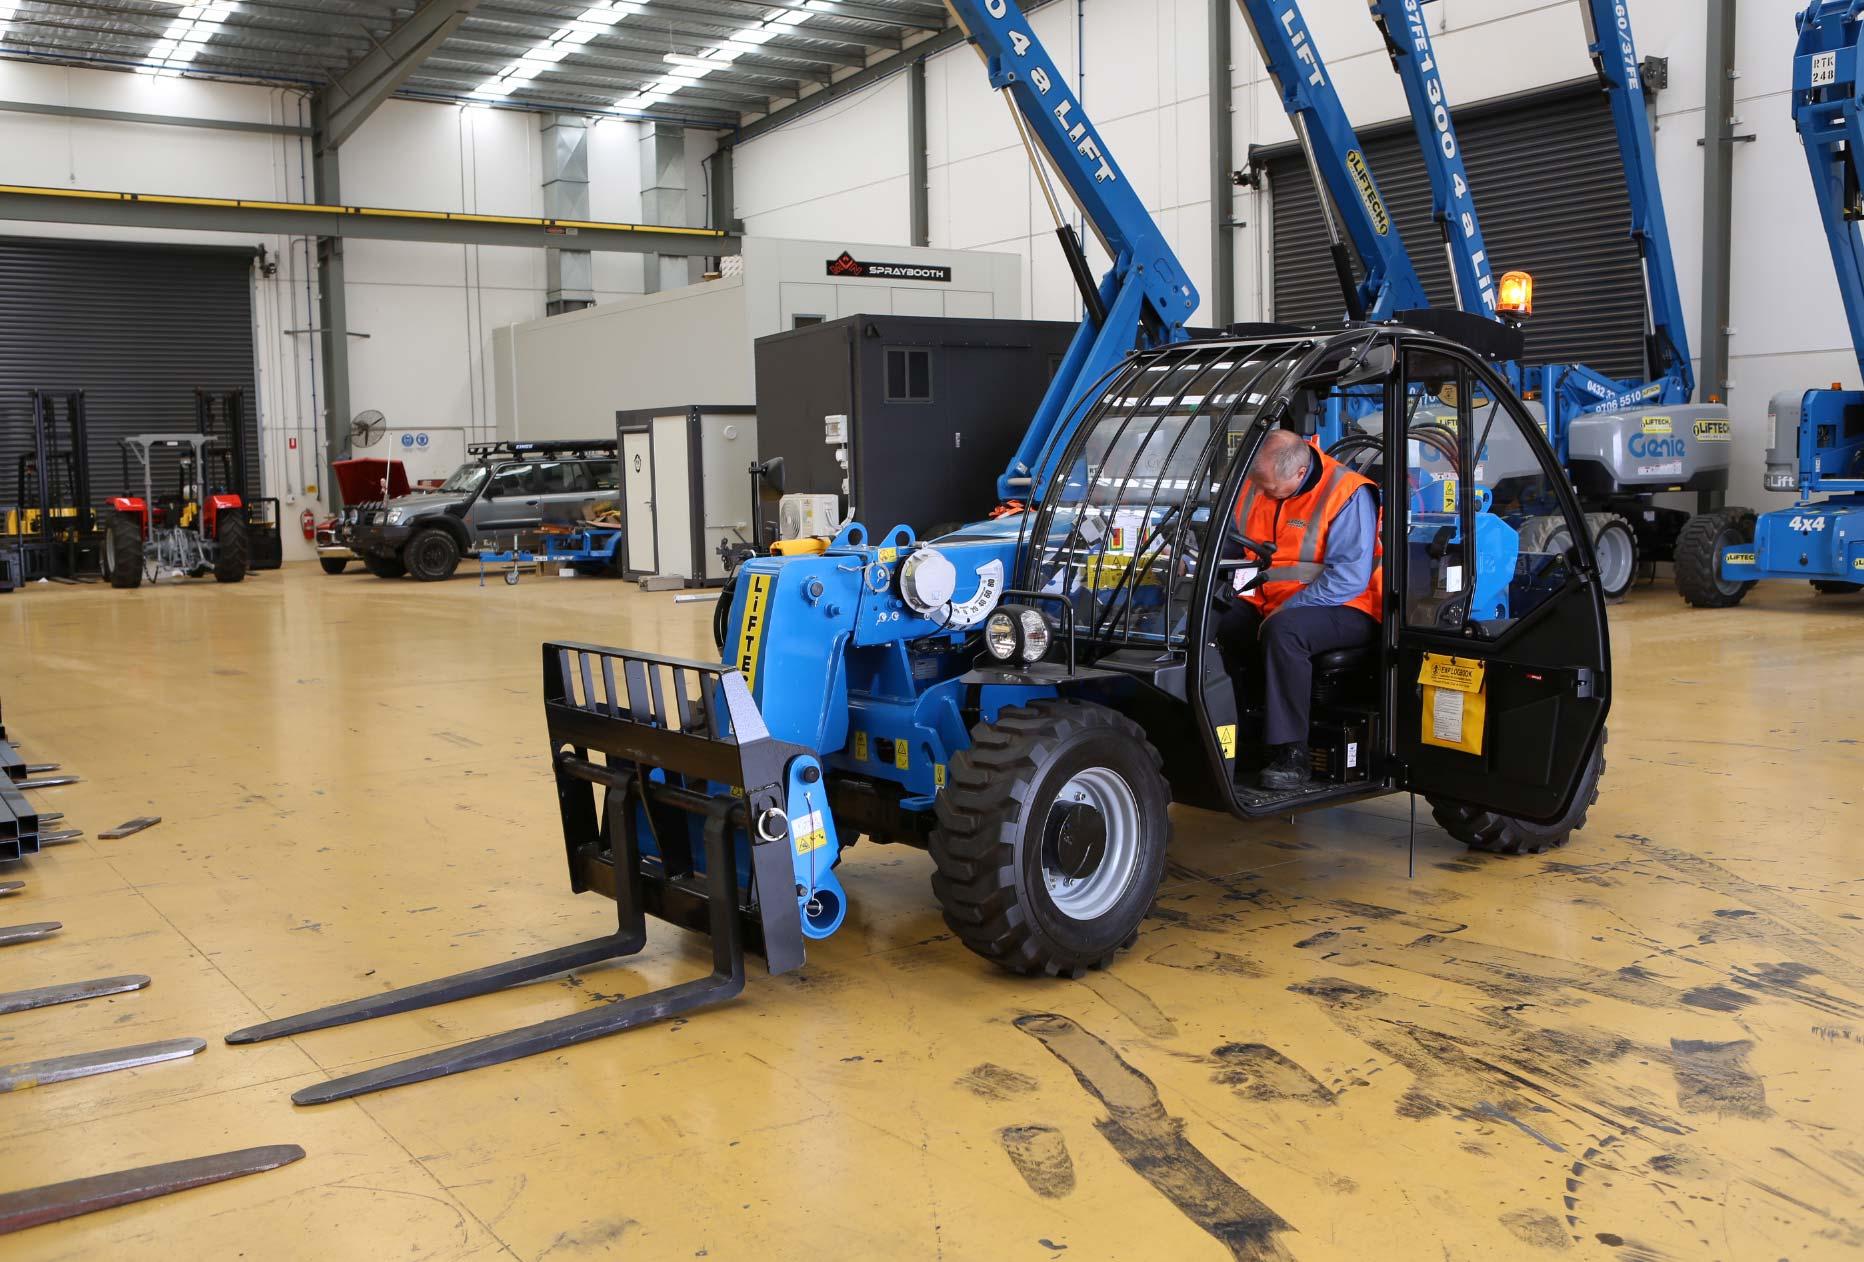 2.5 Tonne Telehandler Forklift Rental